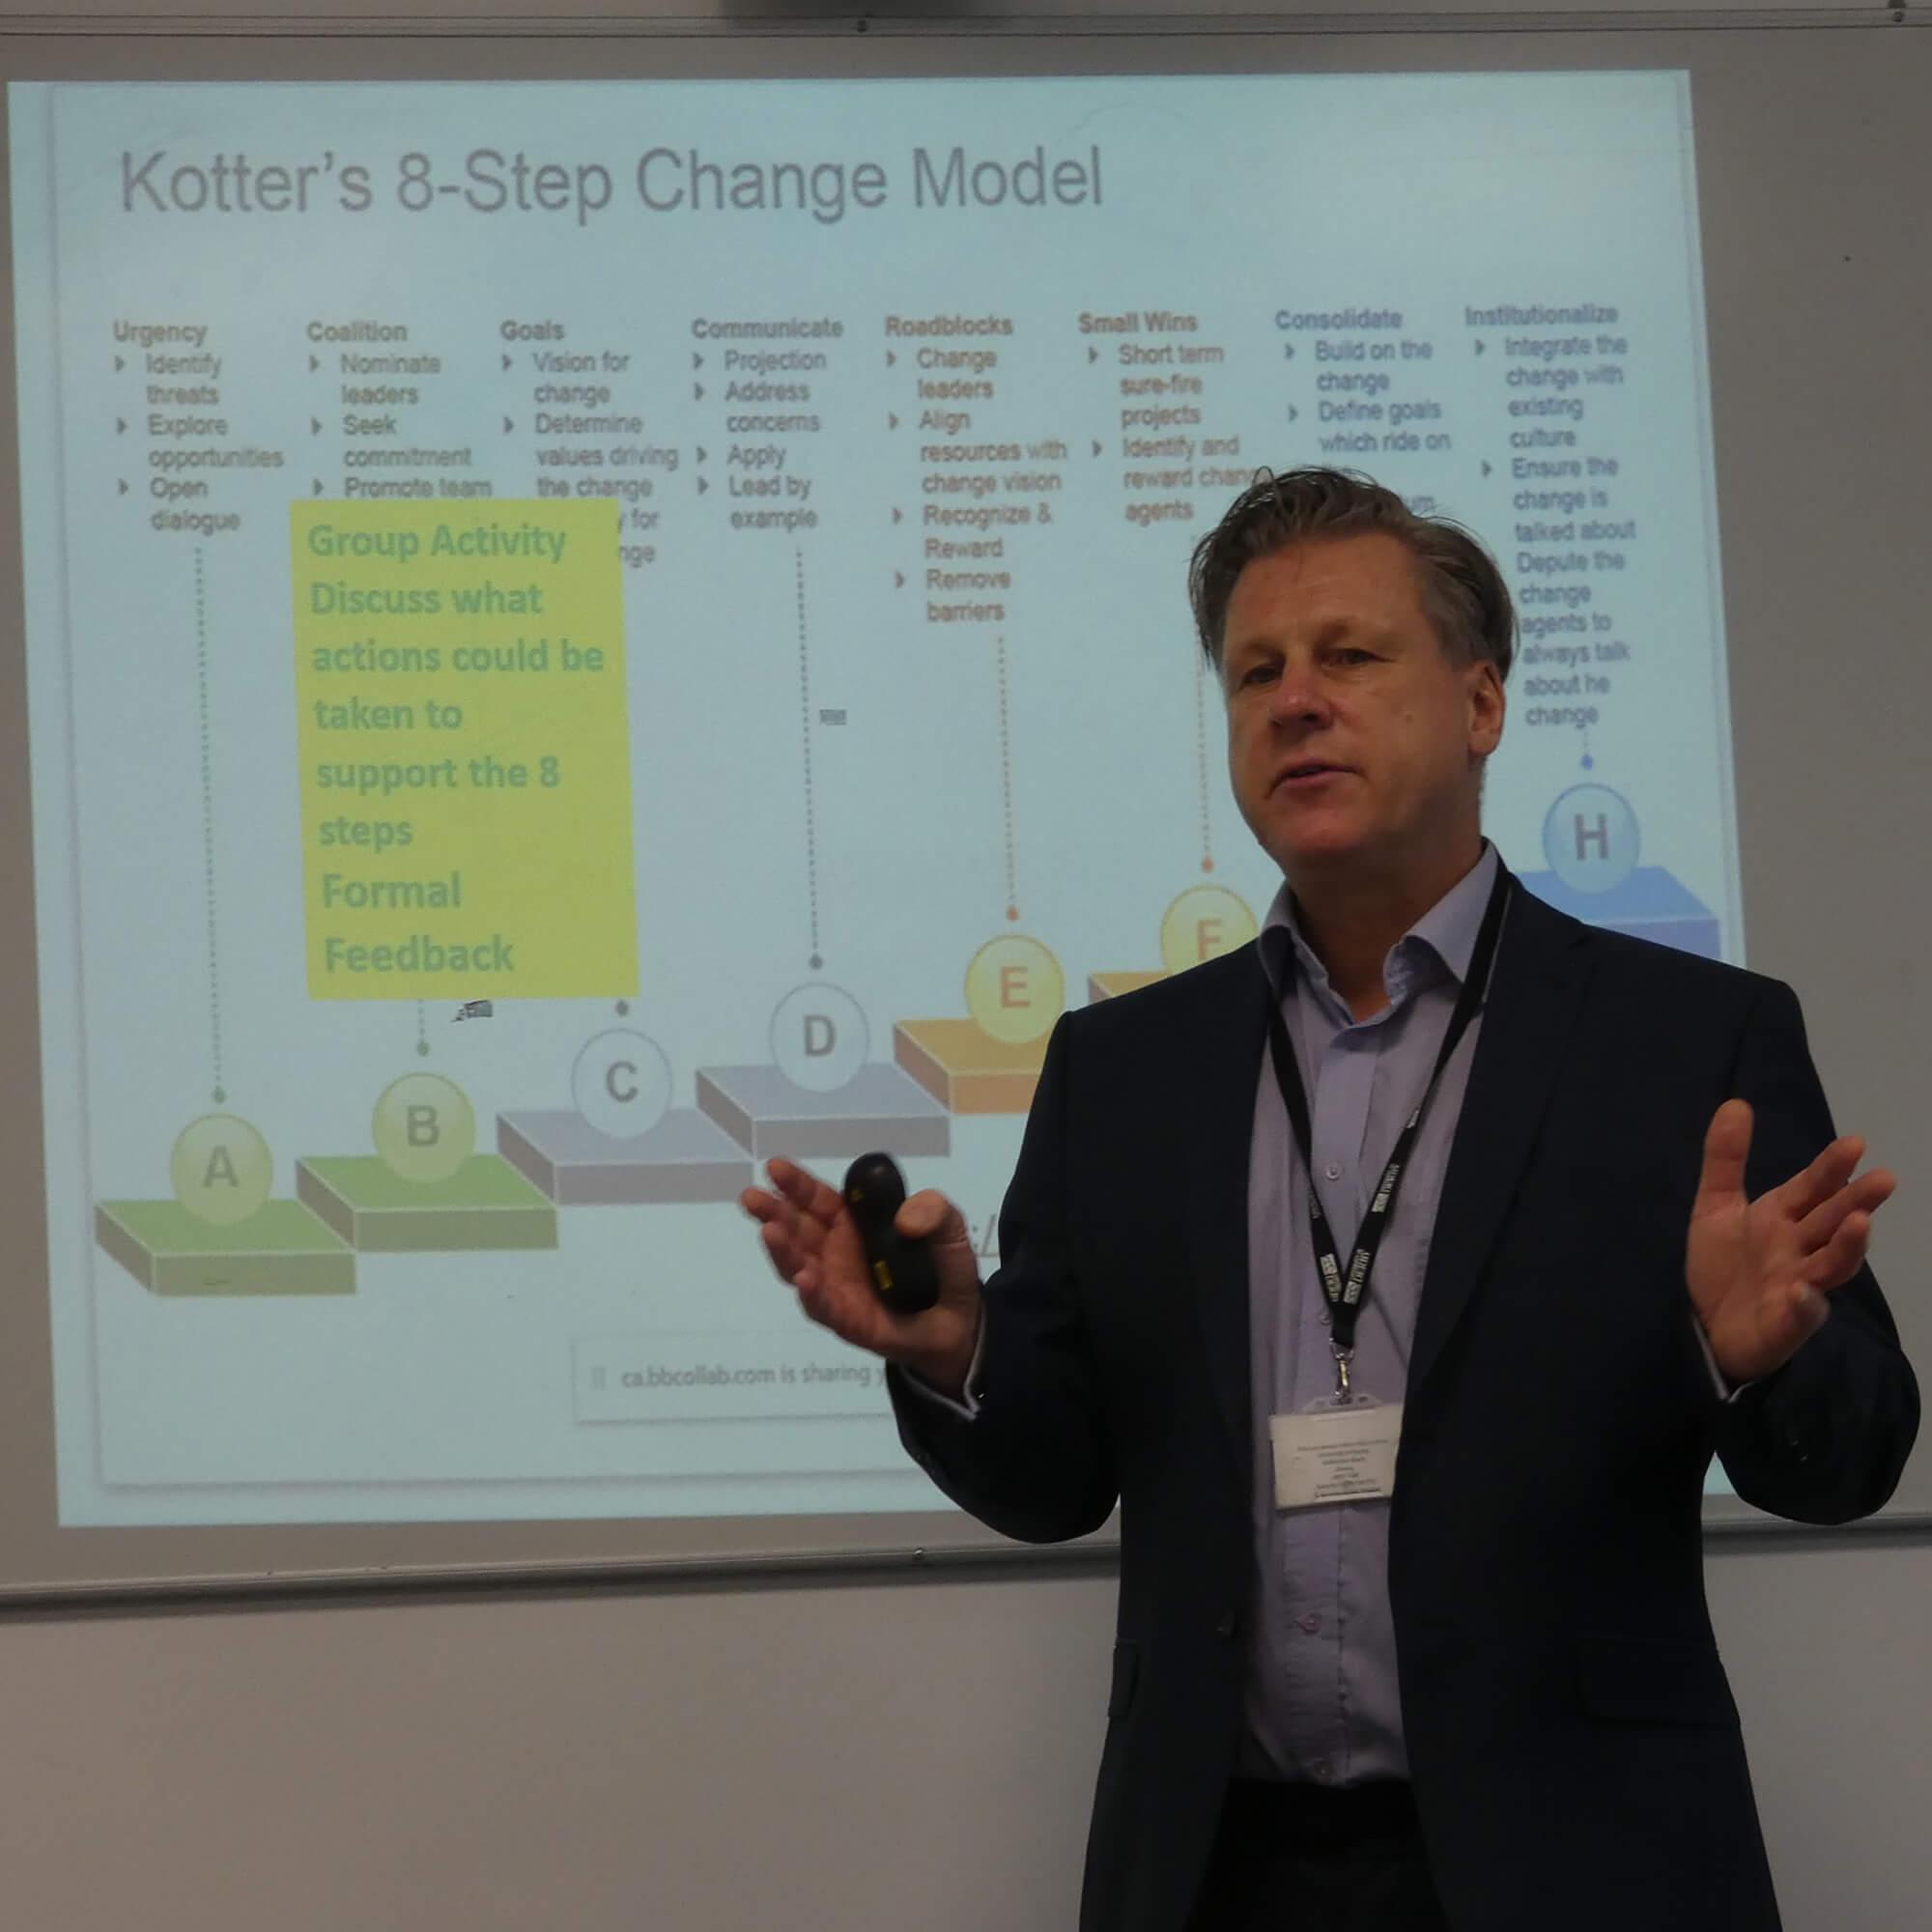 John giving a presentation. A slide behind him refers to Kotter's 8 step Change Model